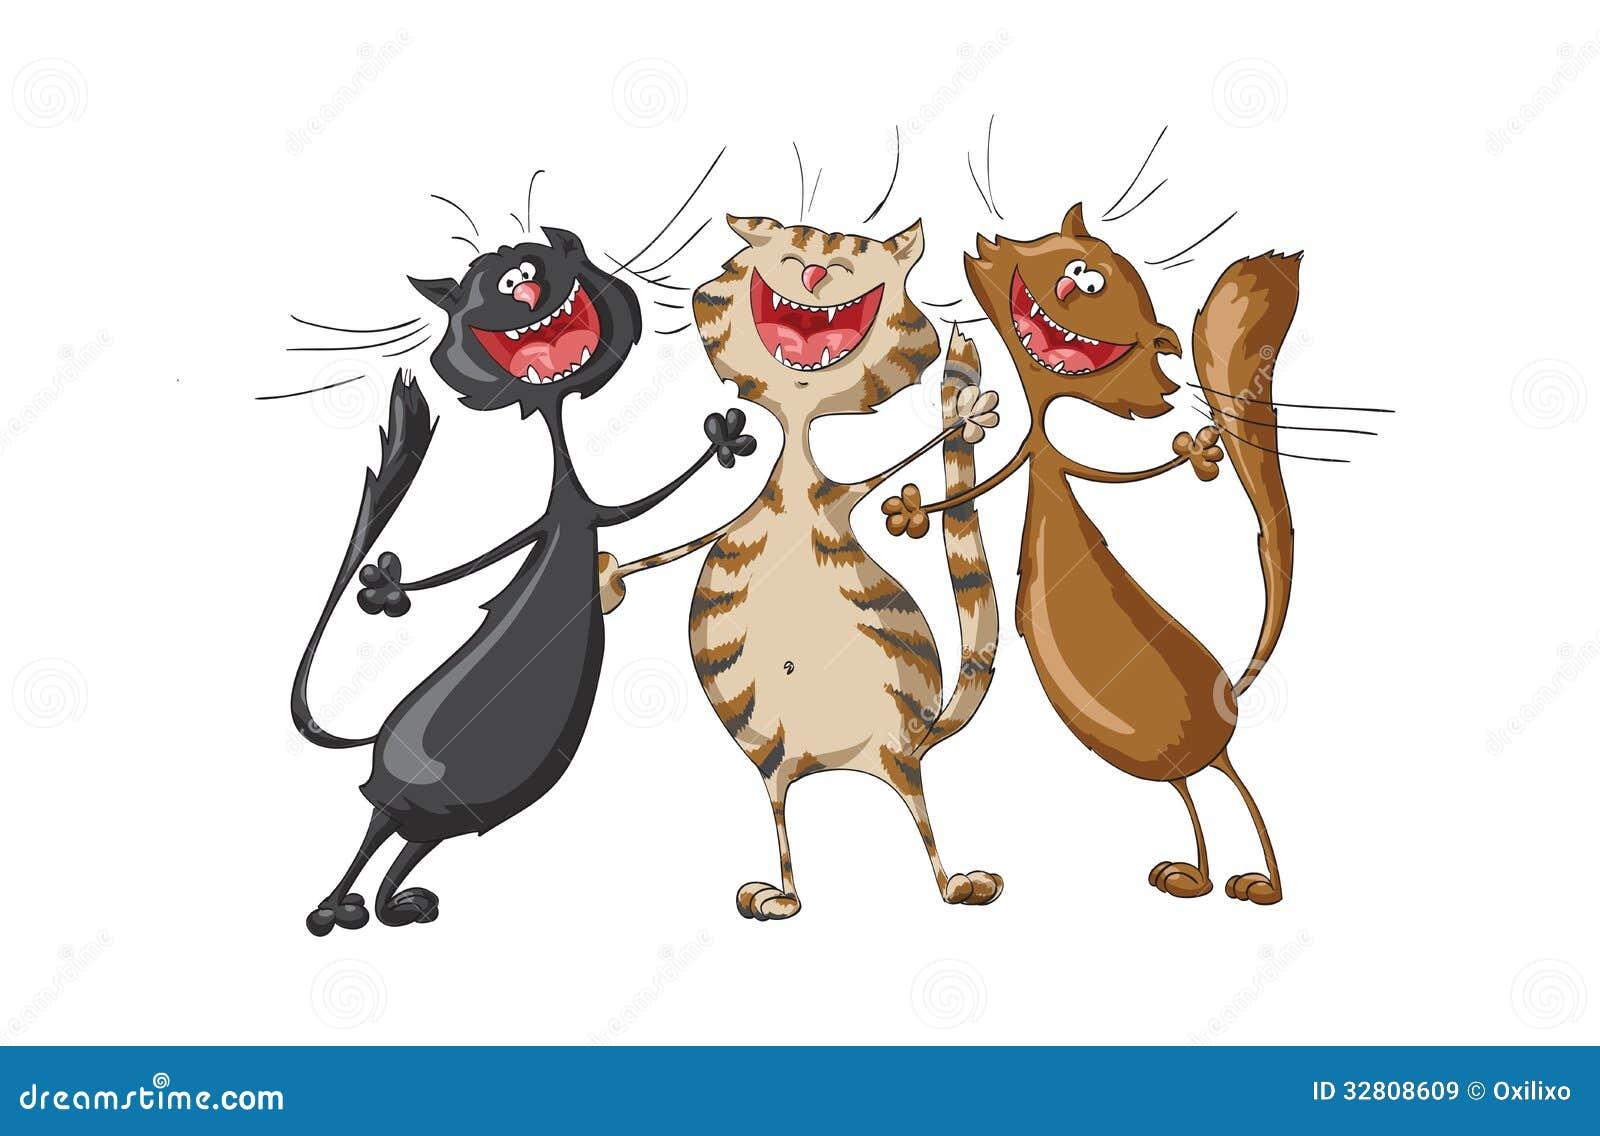 El principio de incertiduMbre - Página 3 Trois-chats-heureux-chantant-la-chanson-gaie-sur-le-fond-blanc-d-isolement-32808609